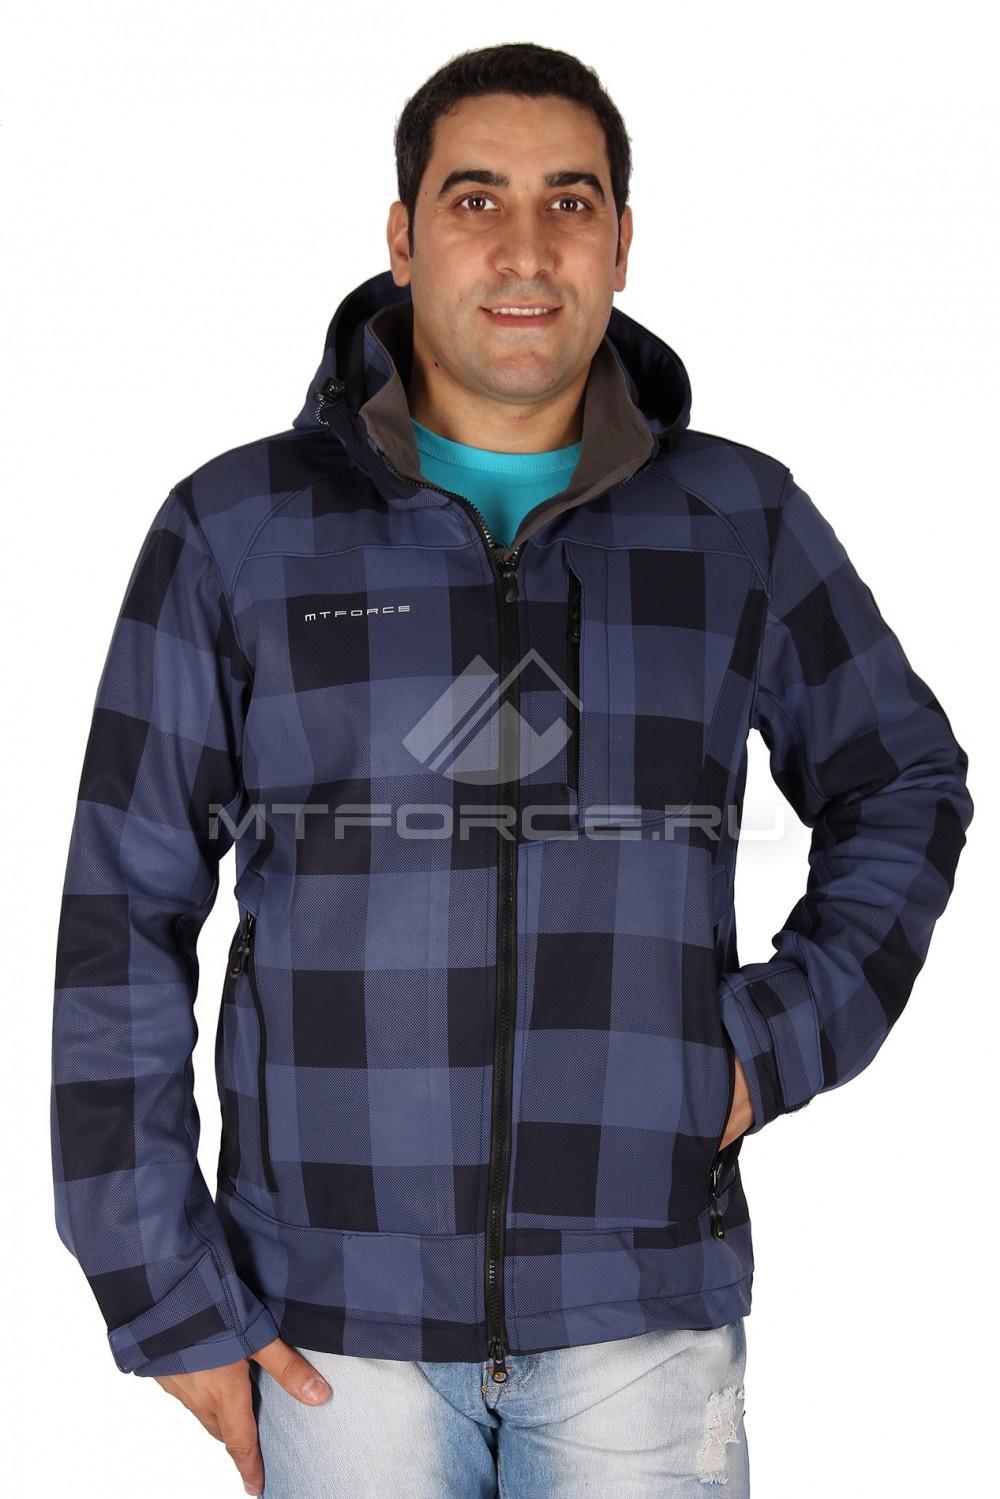 Купить                                  оптом Ветровка - виндстоппер мужская темно-синего цвета 1636TS в Санкт-Петербурге